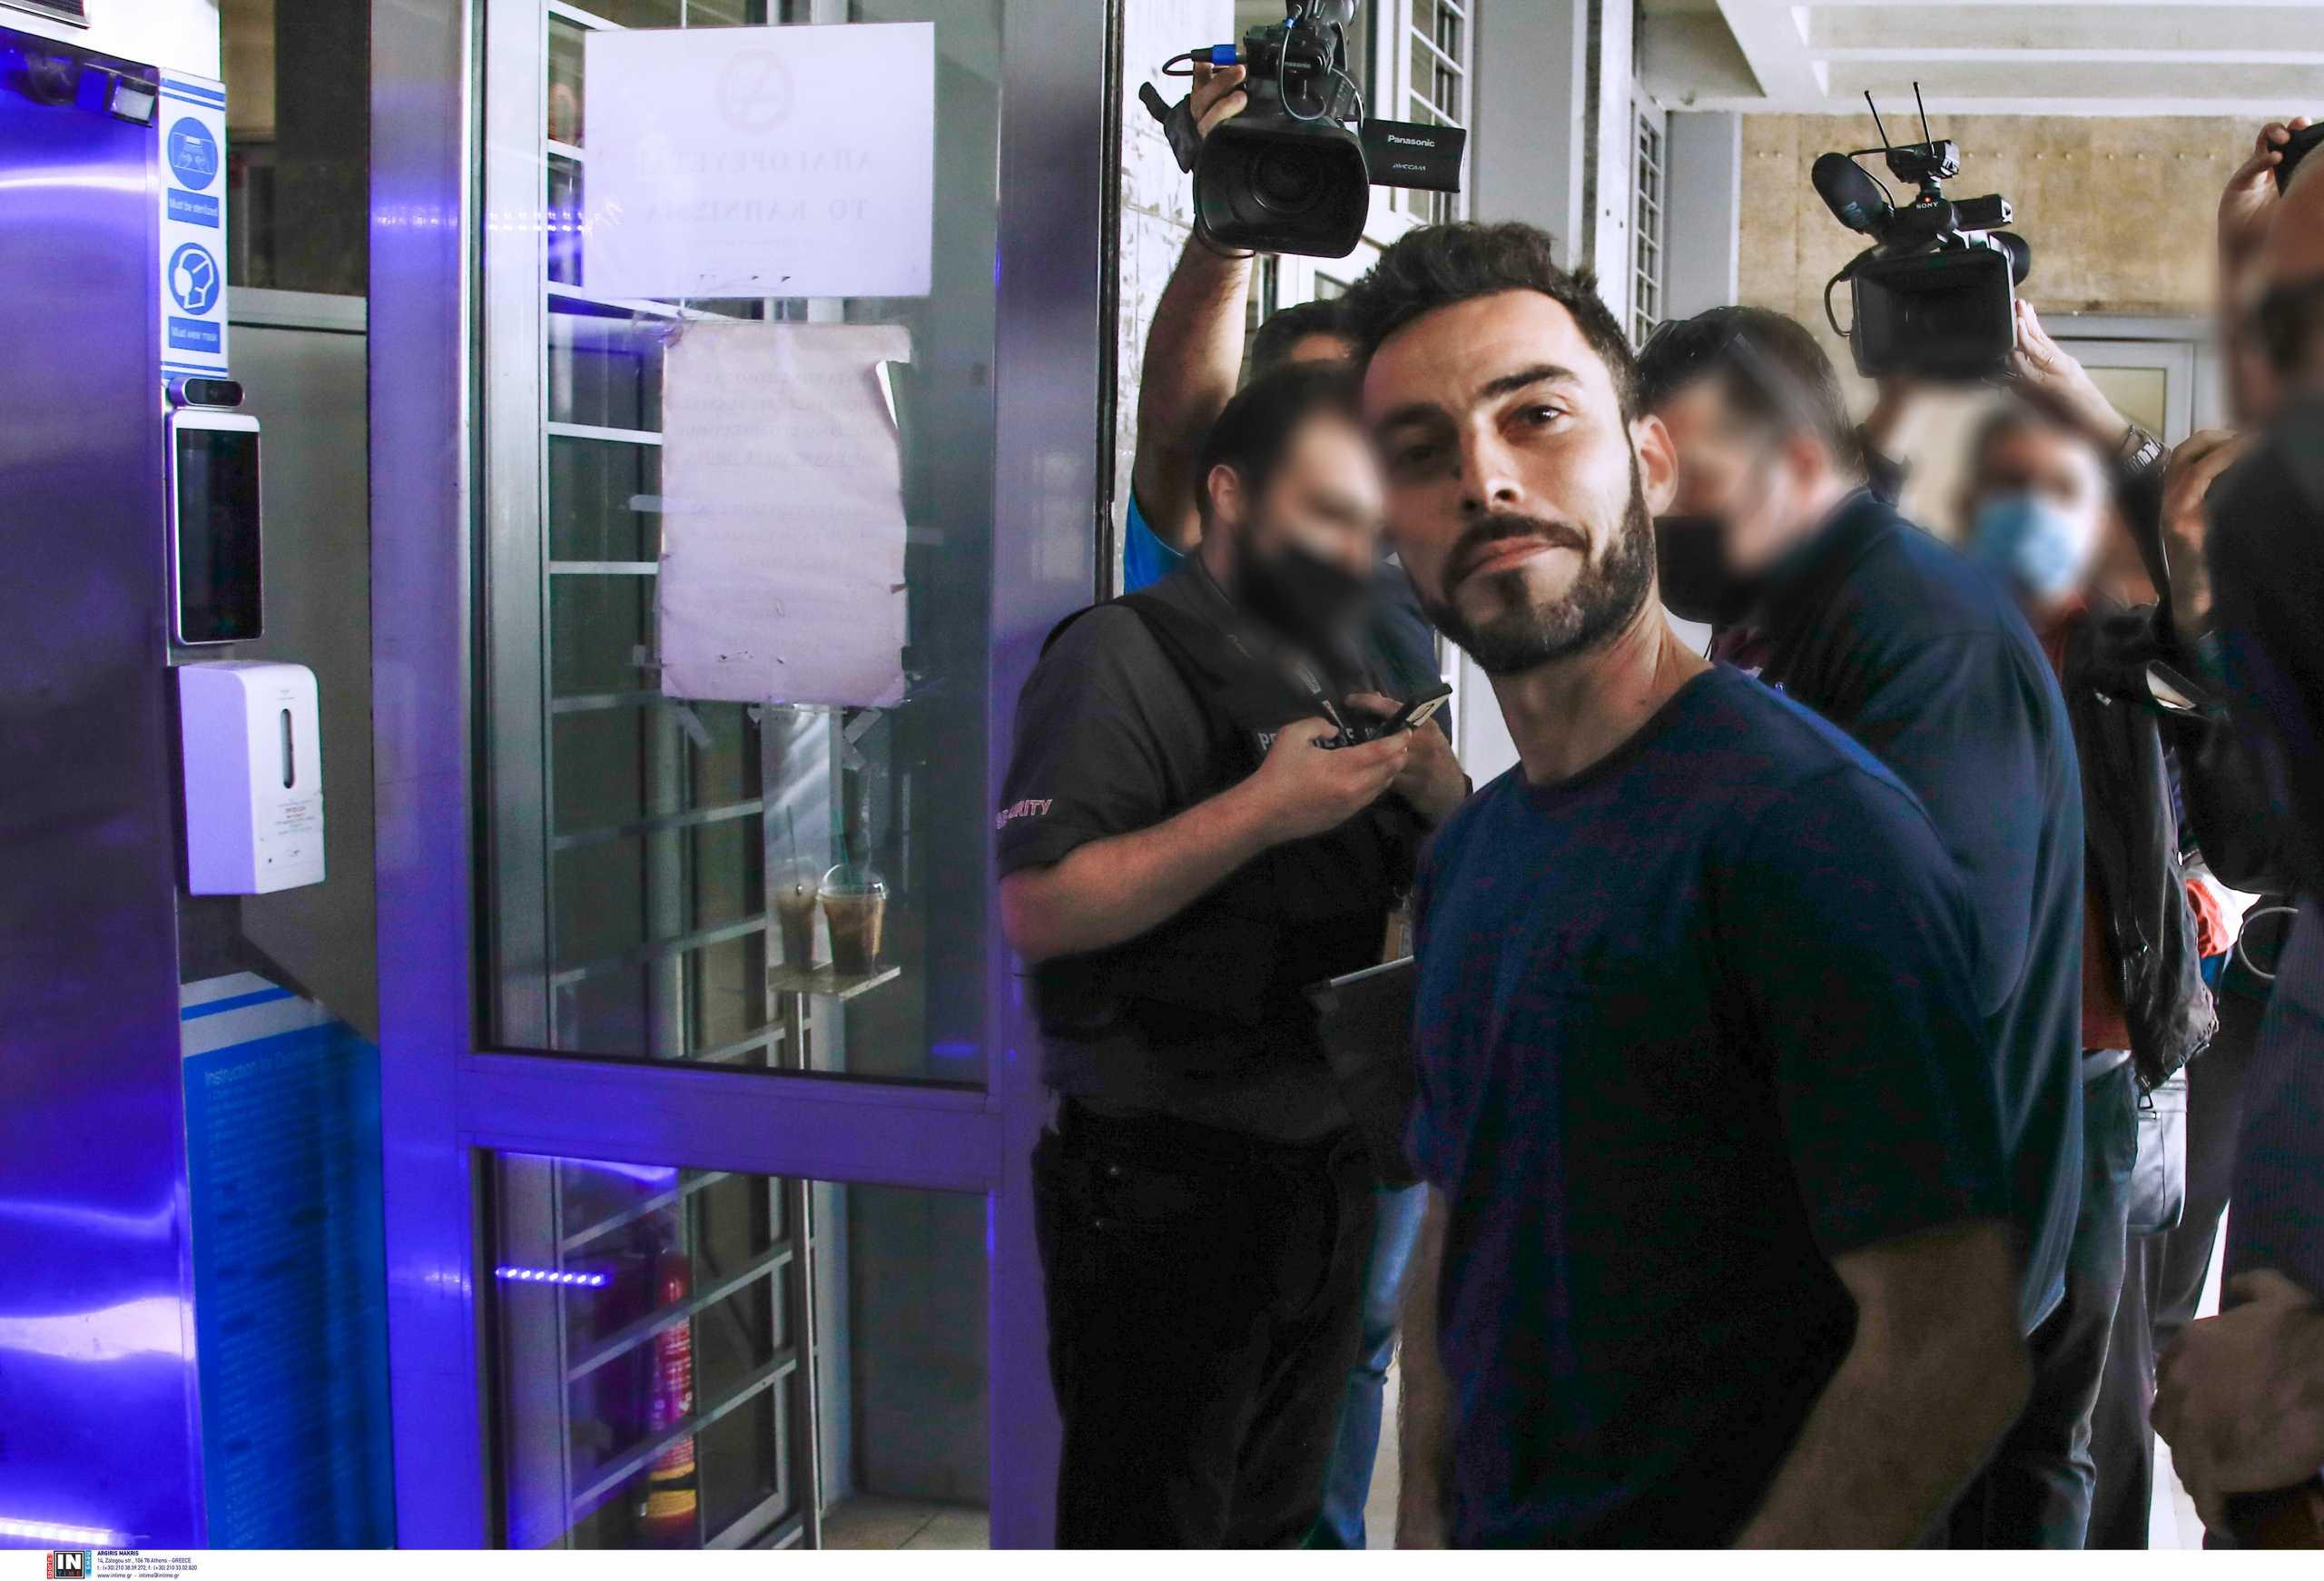 Κορονοϊός – Θεσσαλονίκη: Πρόστιμο για χρήση μάσκας έφαγε στα δικαστήρια ο αρνητής πατέρας των self test